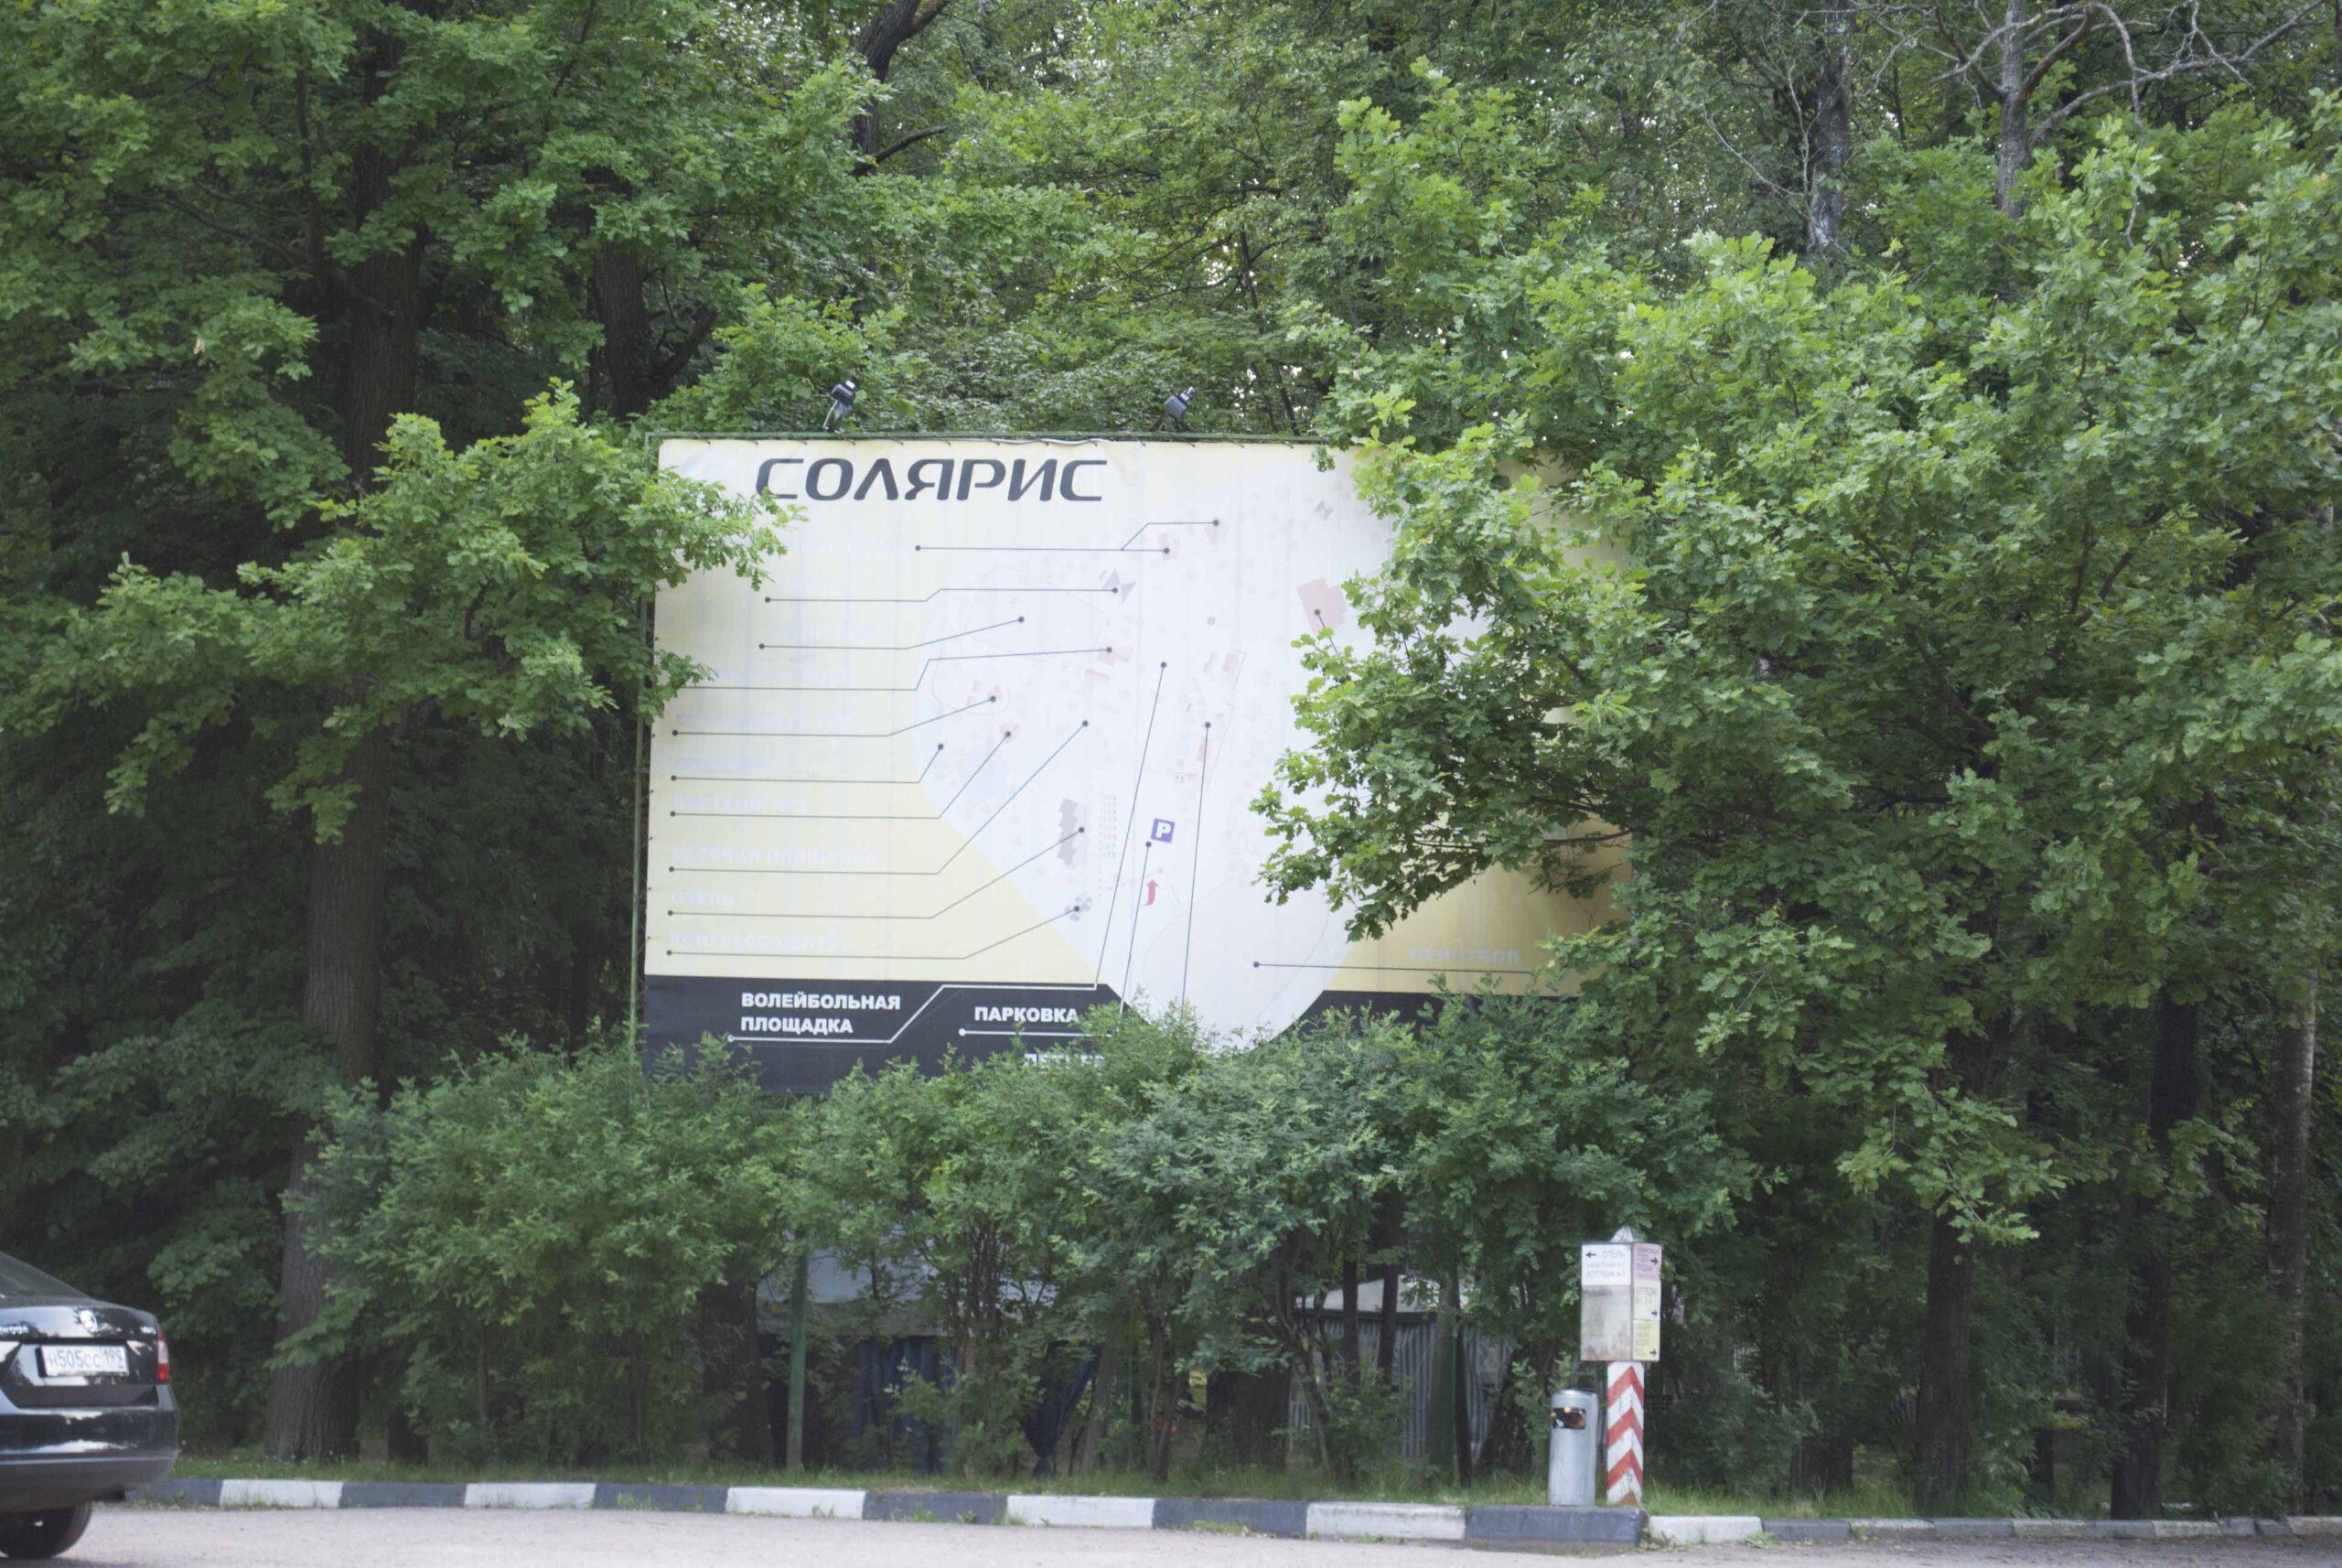 на фоне деревьев, почти утопая в них, стоит потрёпаный временем рекламный щит с надписью Солярис и картой зданий загородного клуба